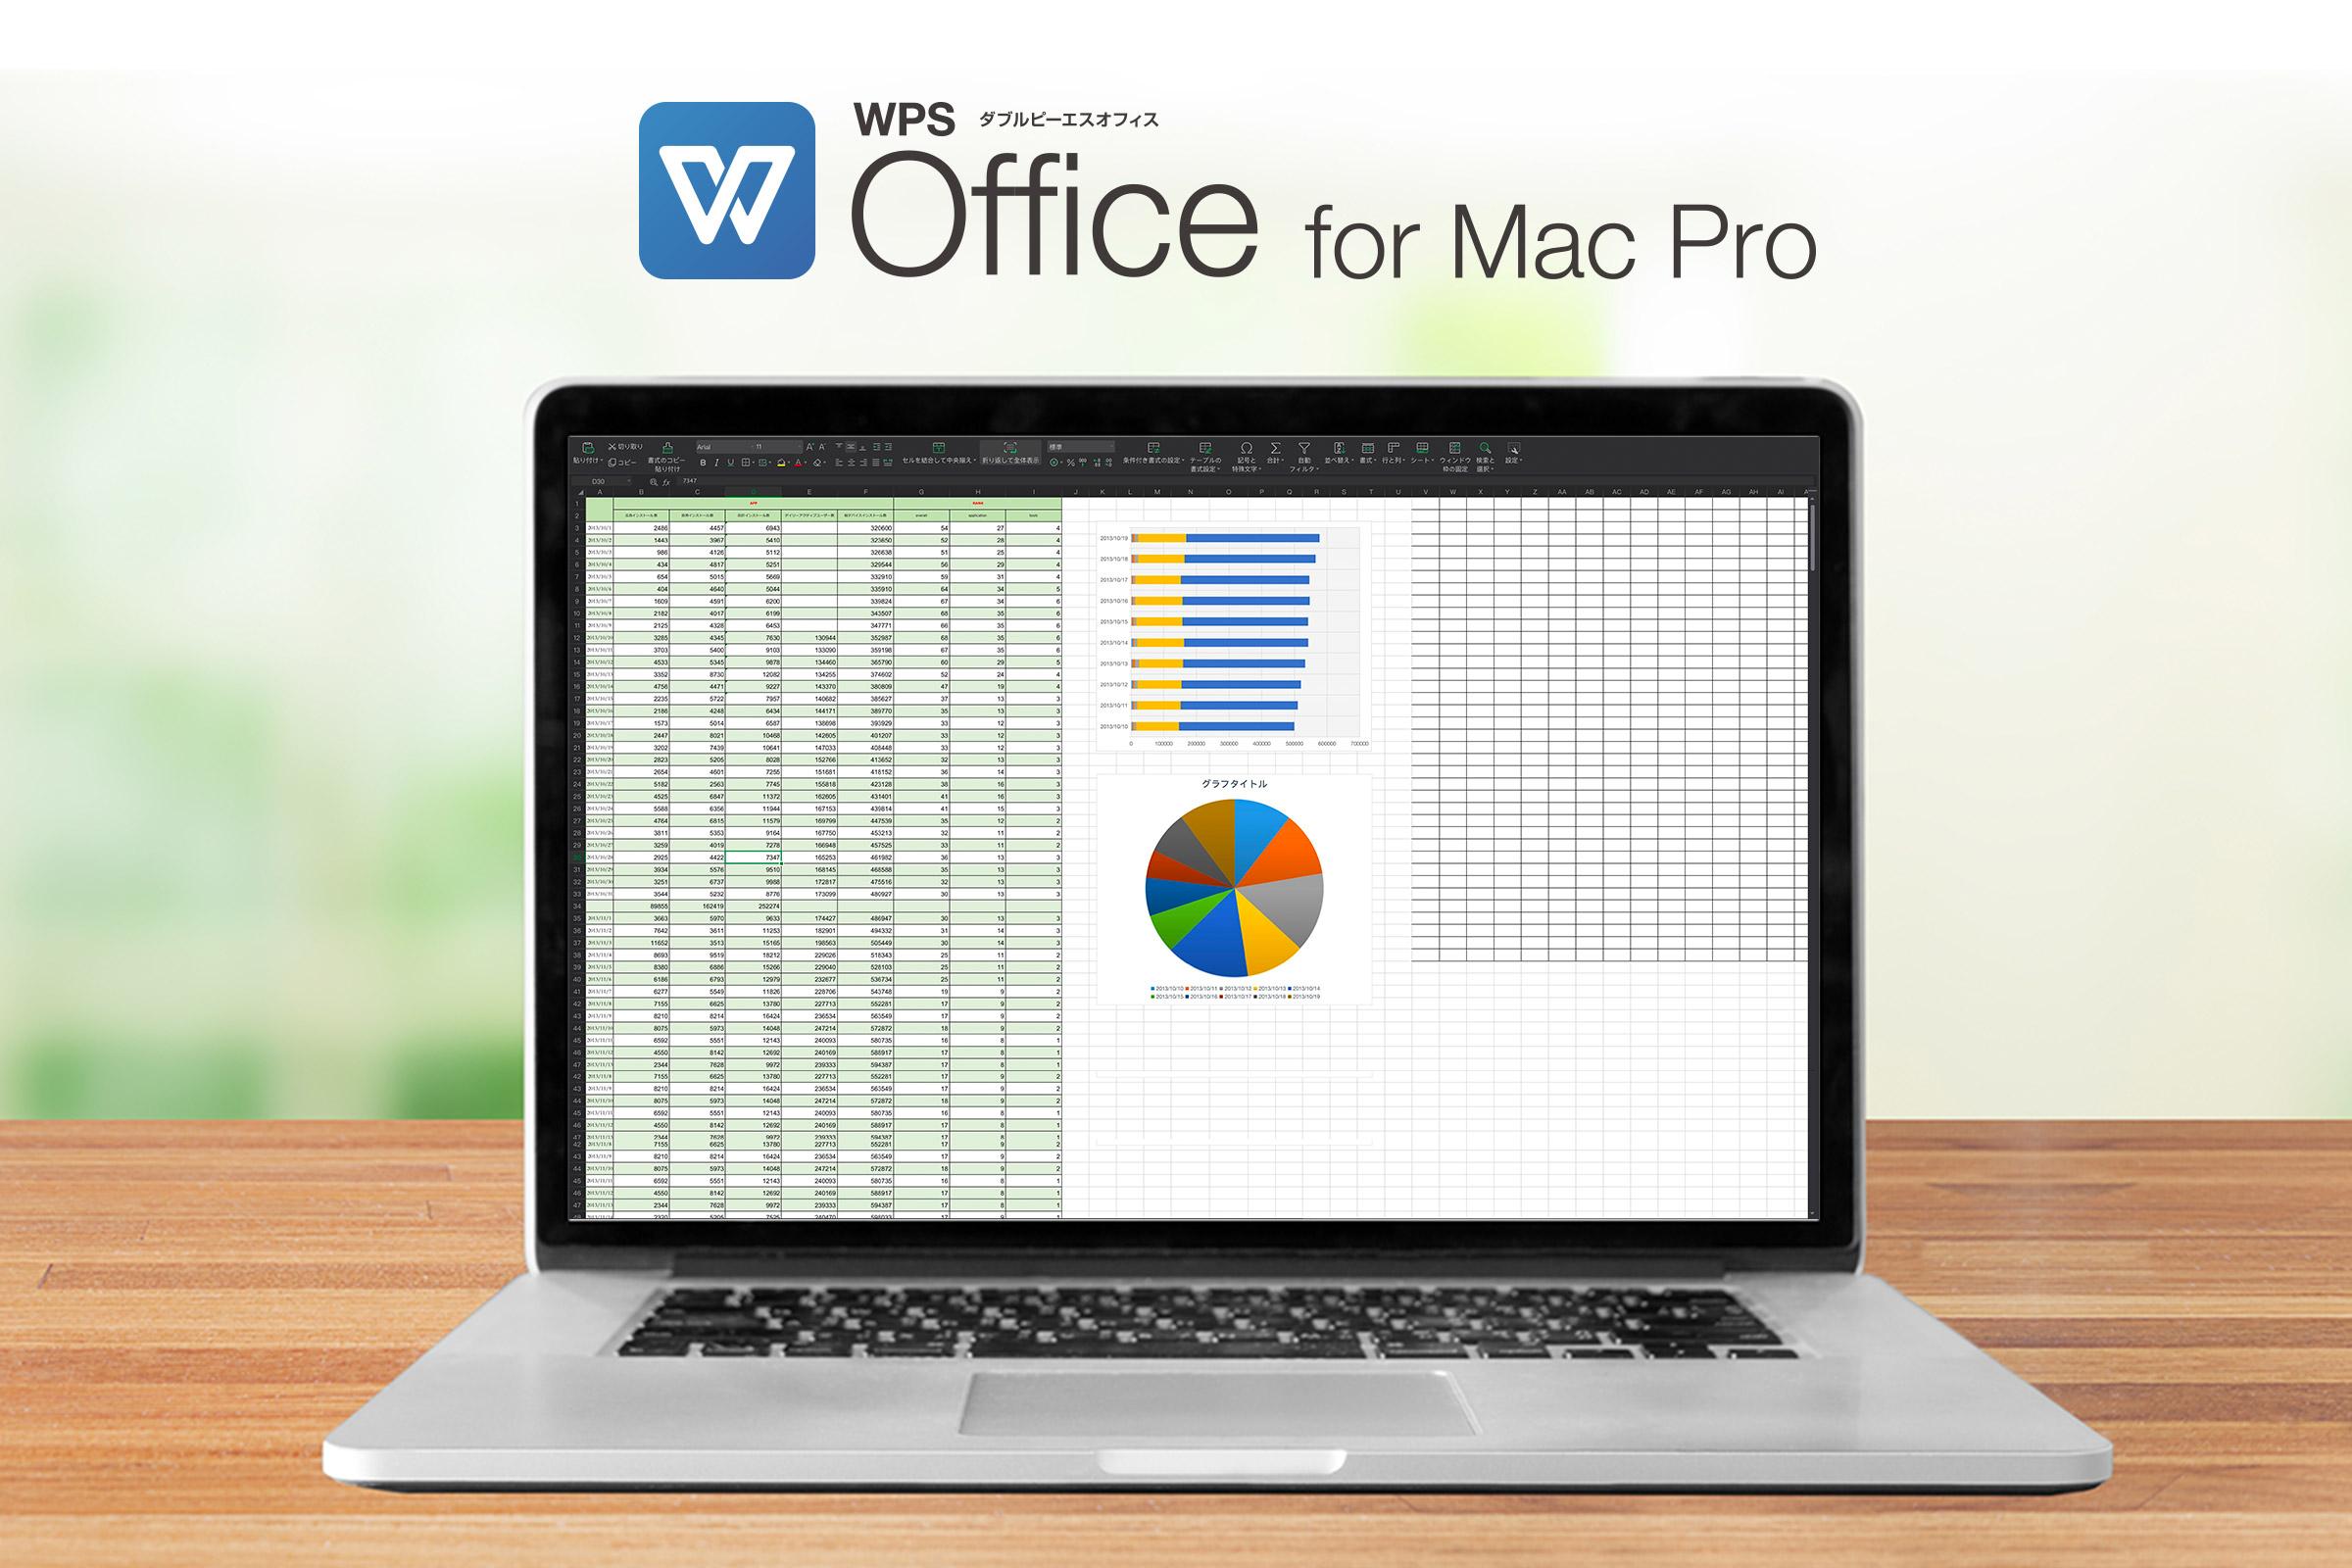 WPS Office 2 for Mac Pro